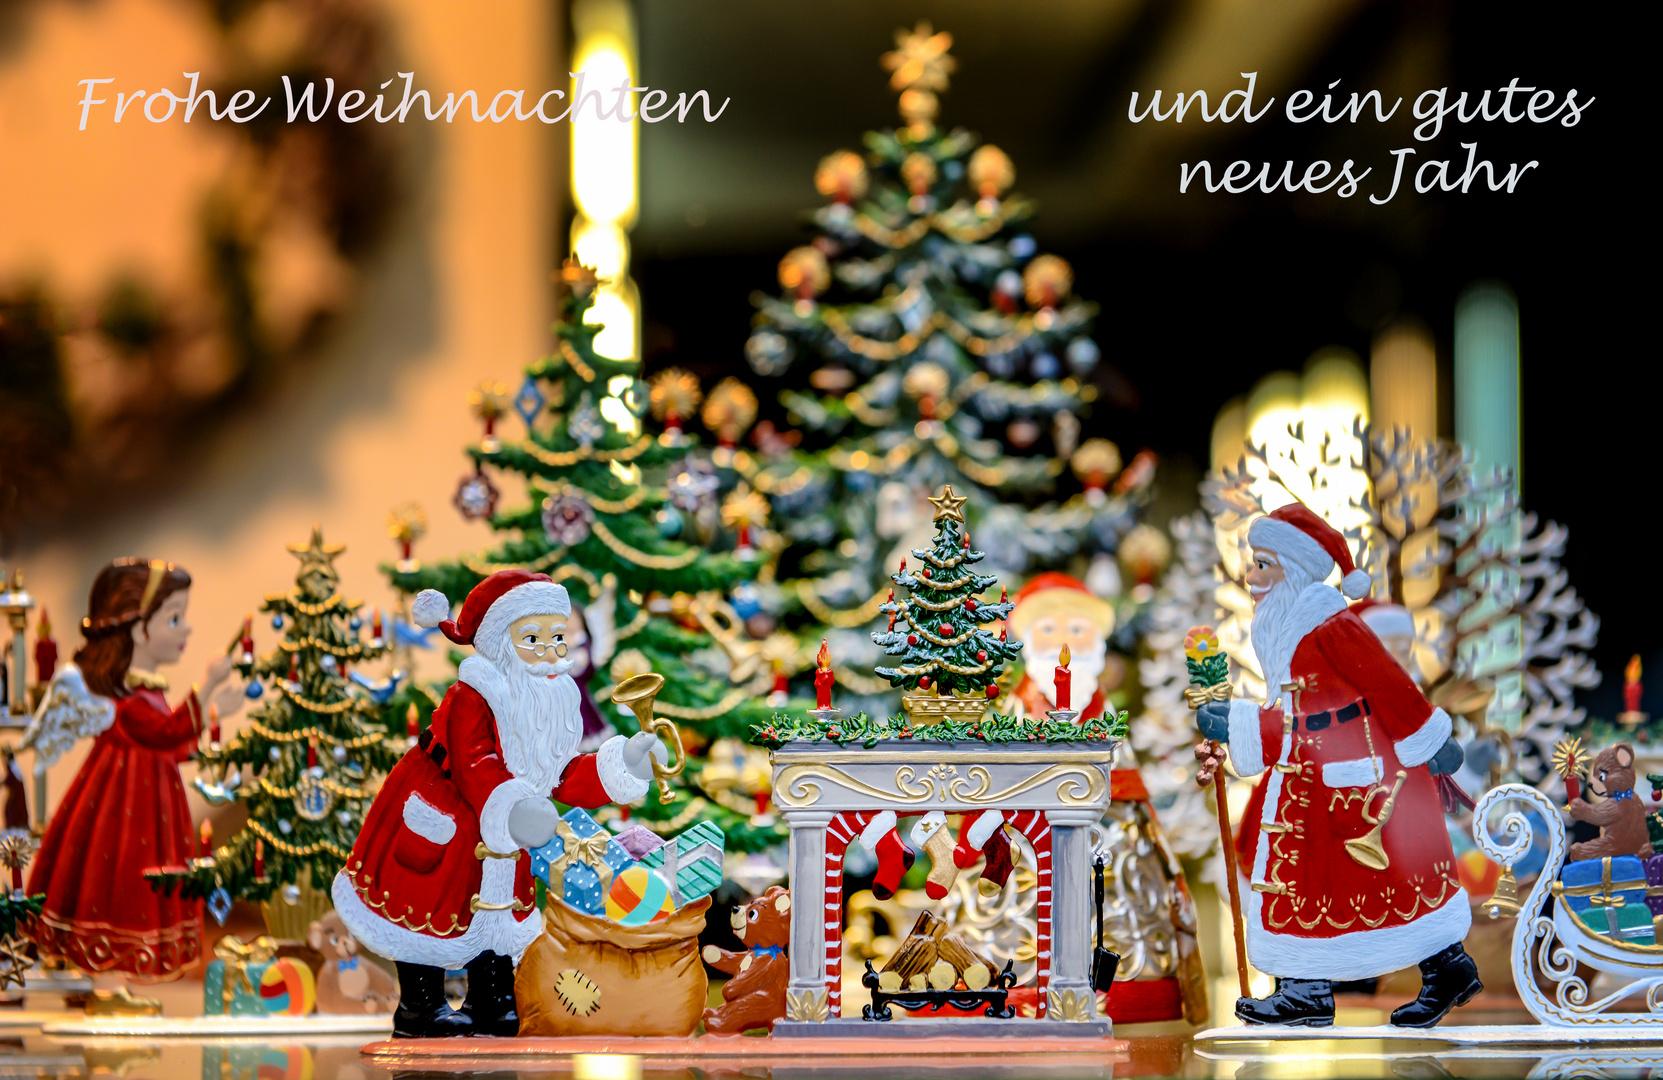 weihnachtsgr e foto bild spezial deutschland weihnachtsgr e bilder auf fotocommunity